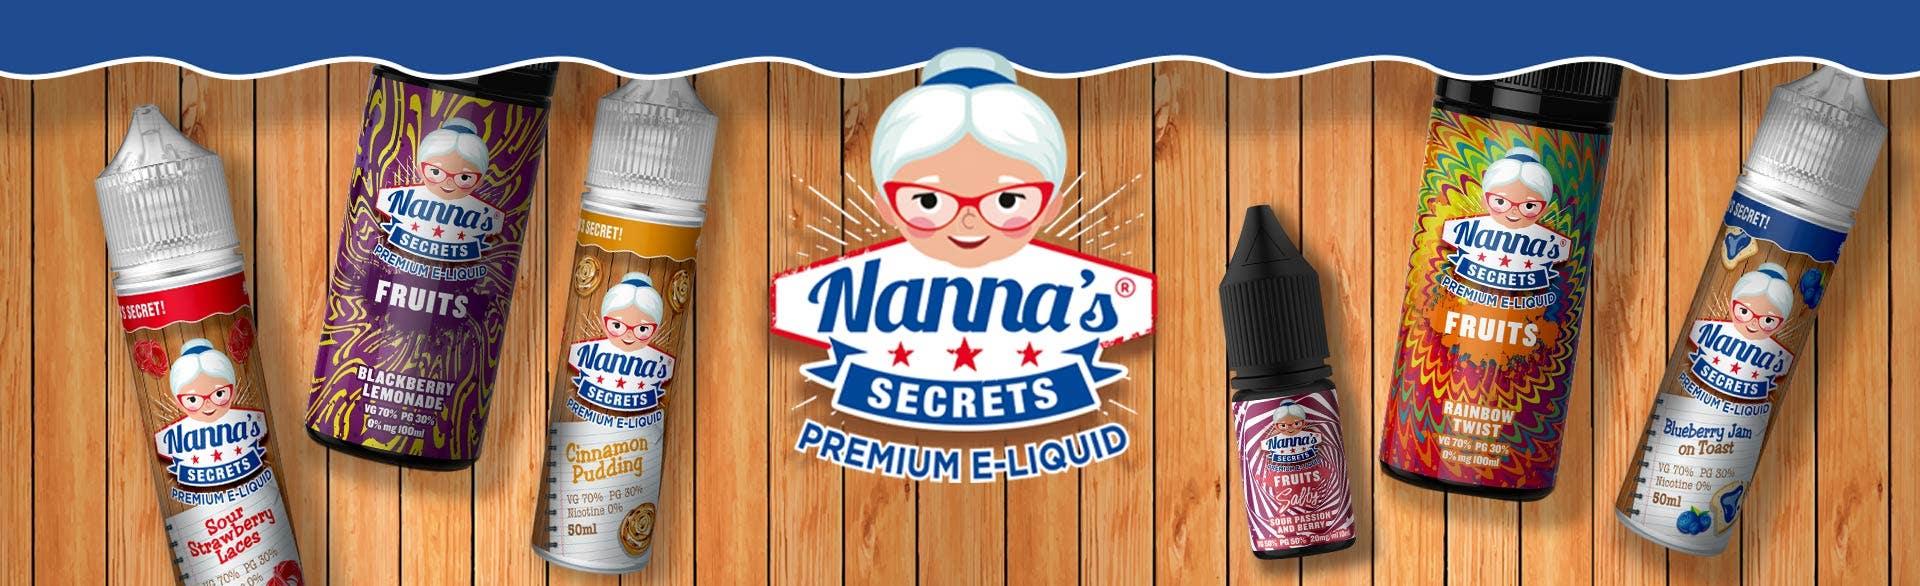 Nanna's Secrets